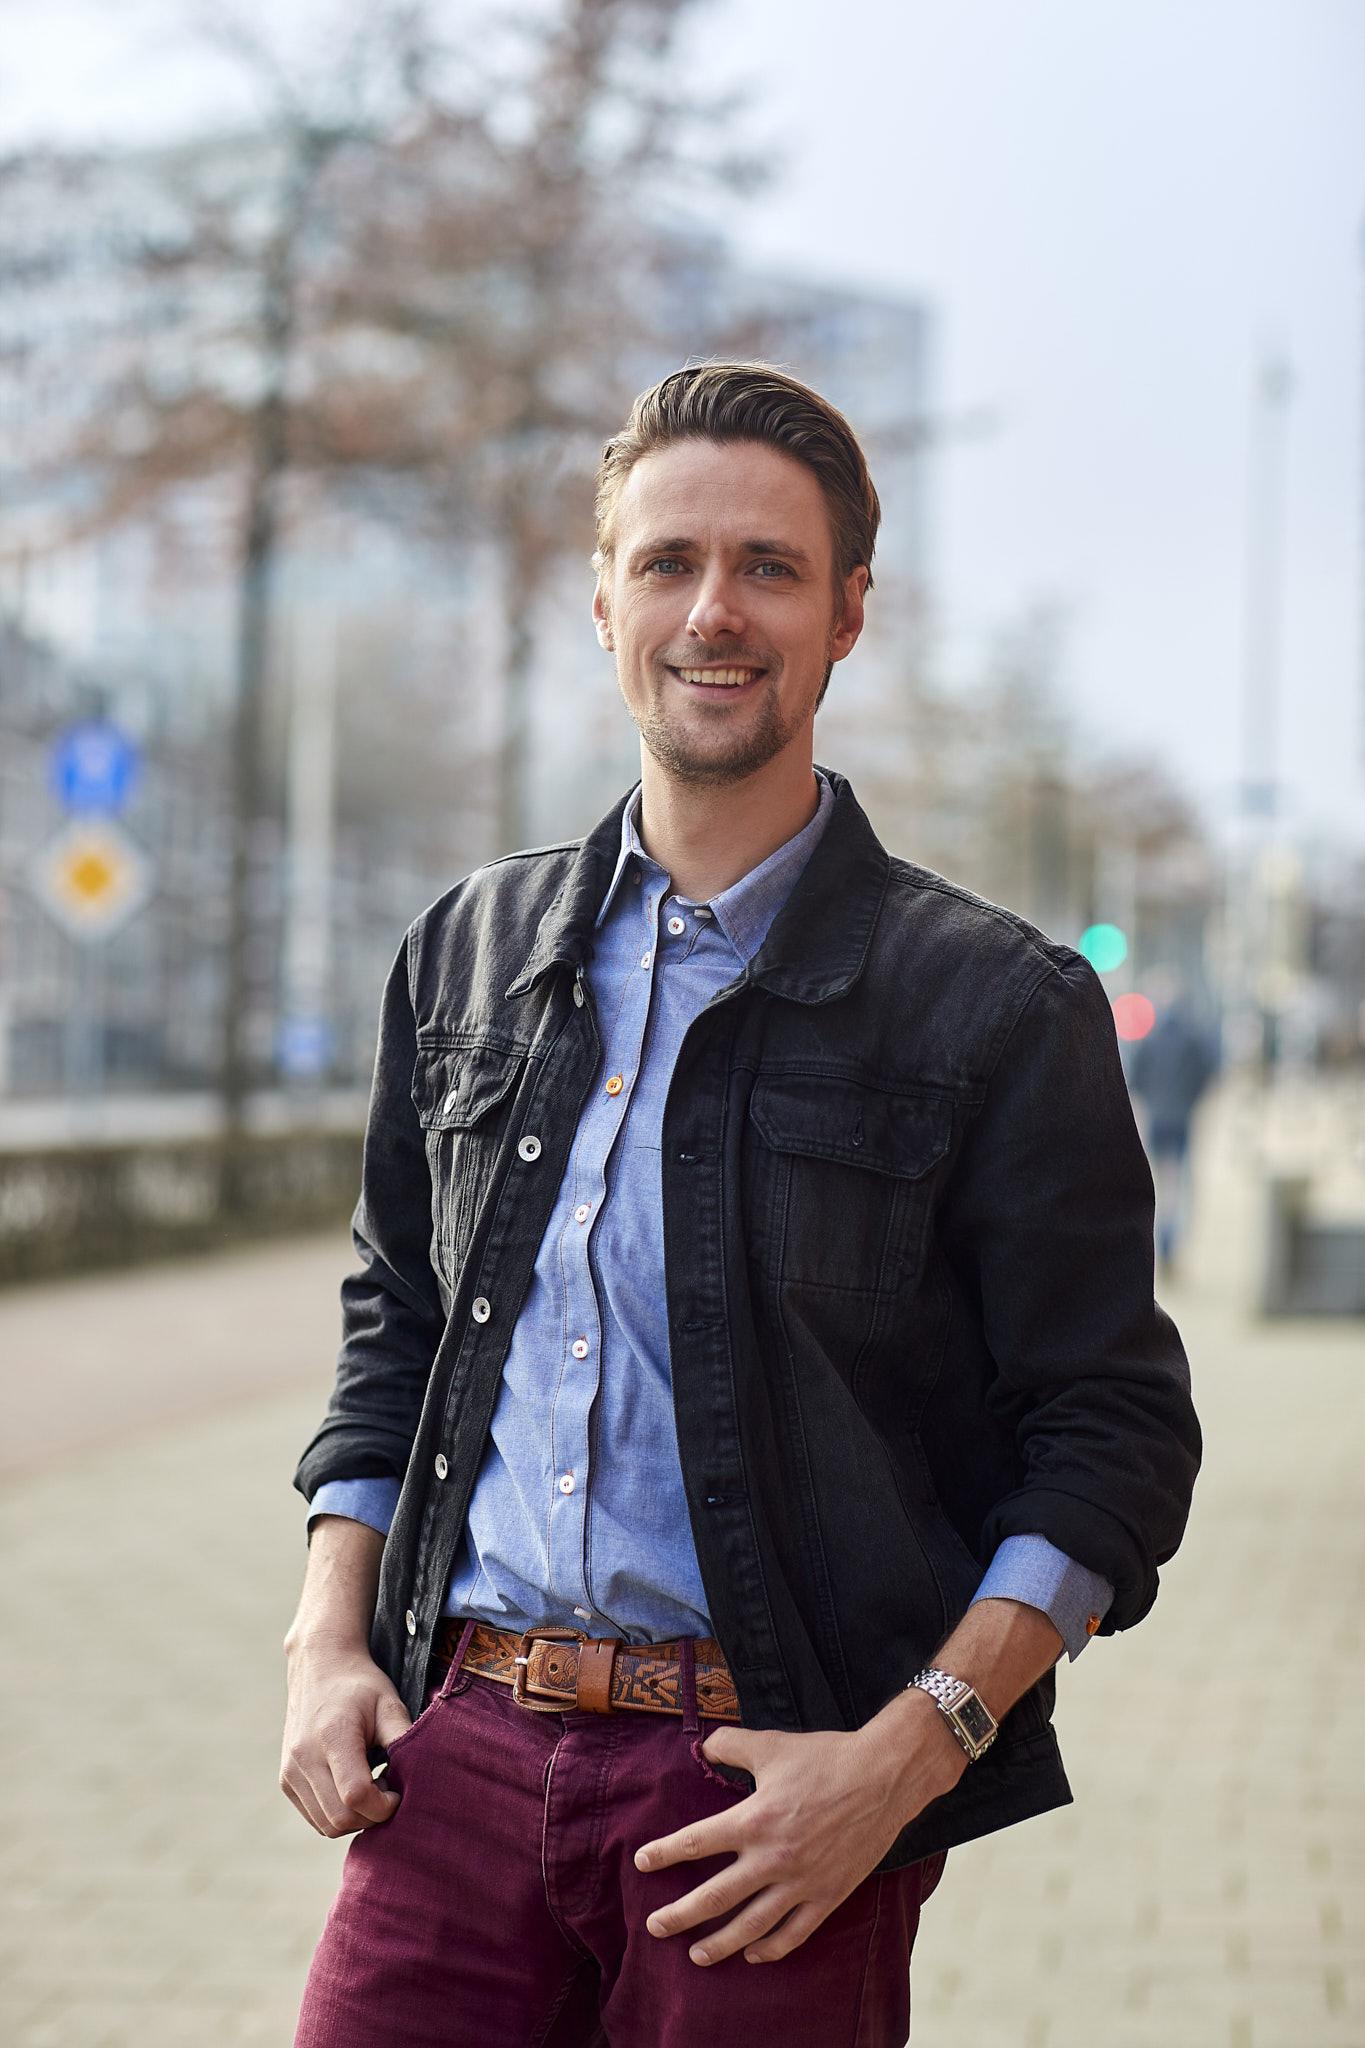 Veilig Verkeer Nederland Bedrijfs fotografie